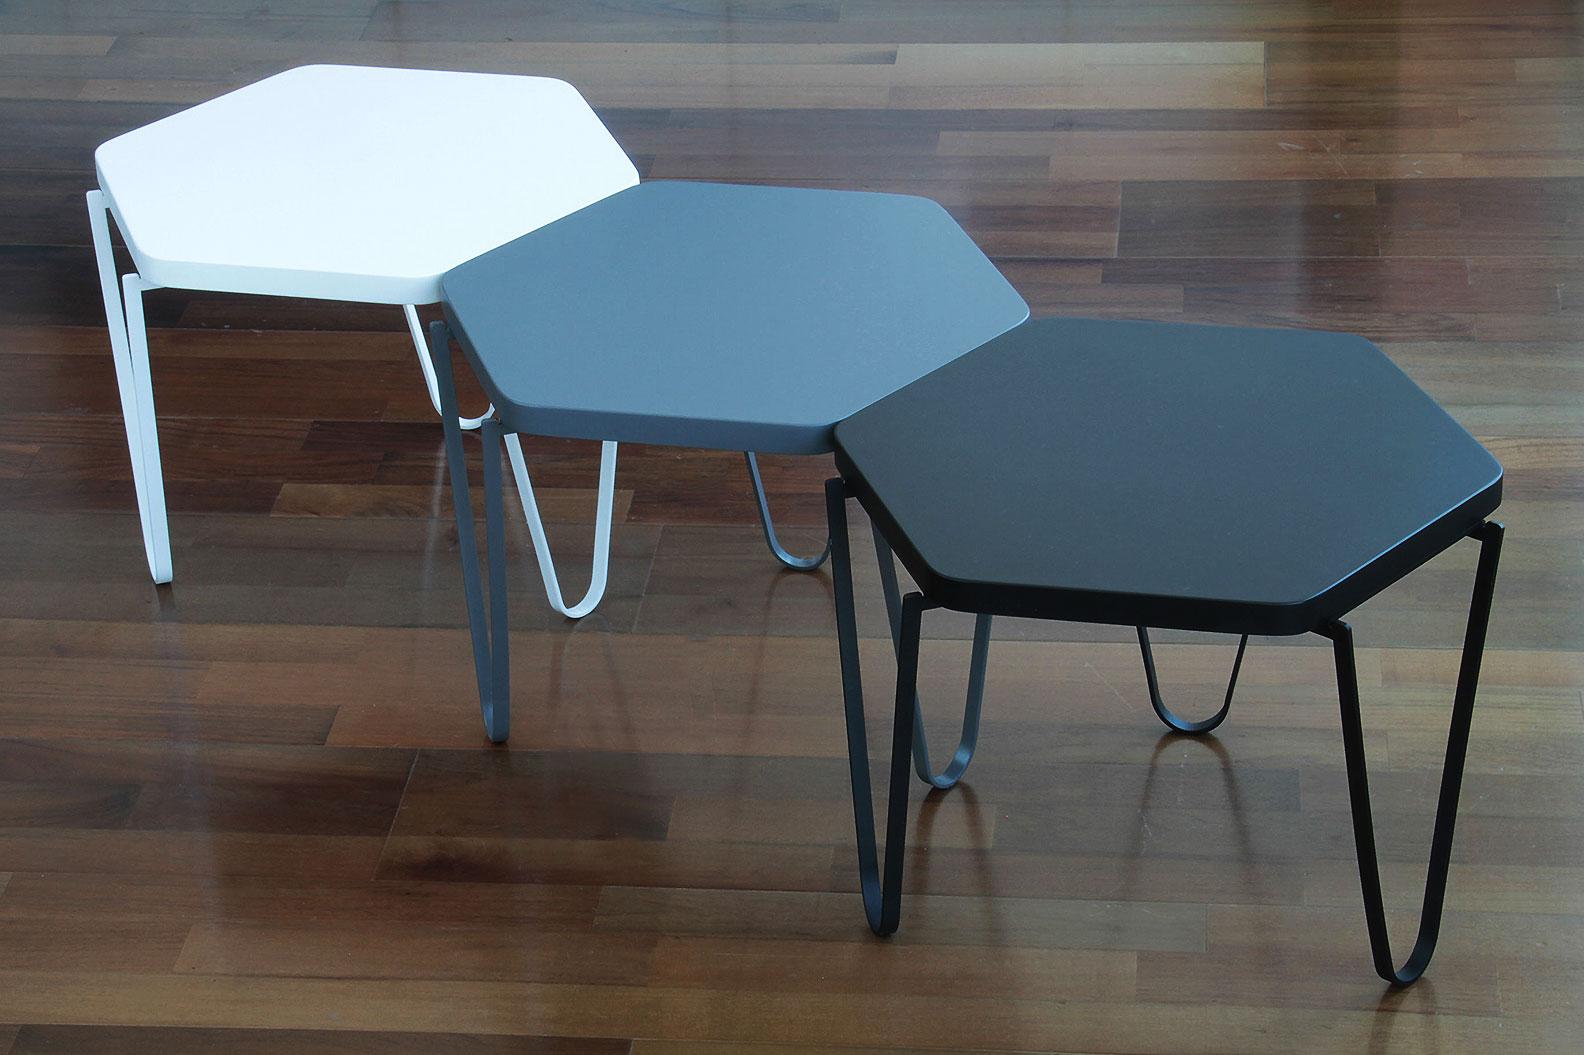 2017-Web-V1-table-2